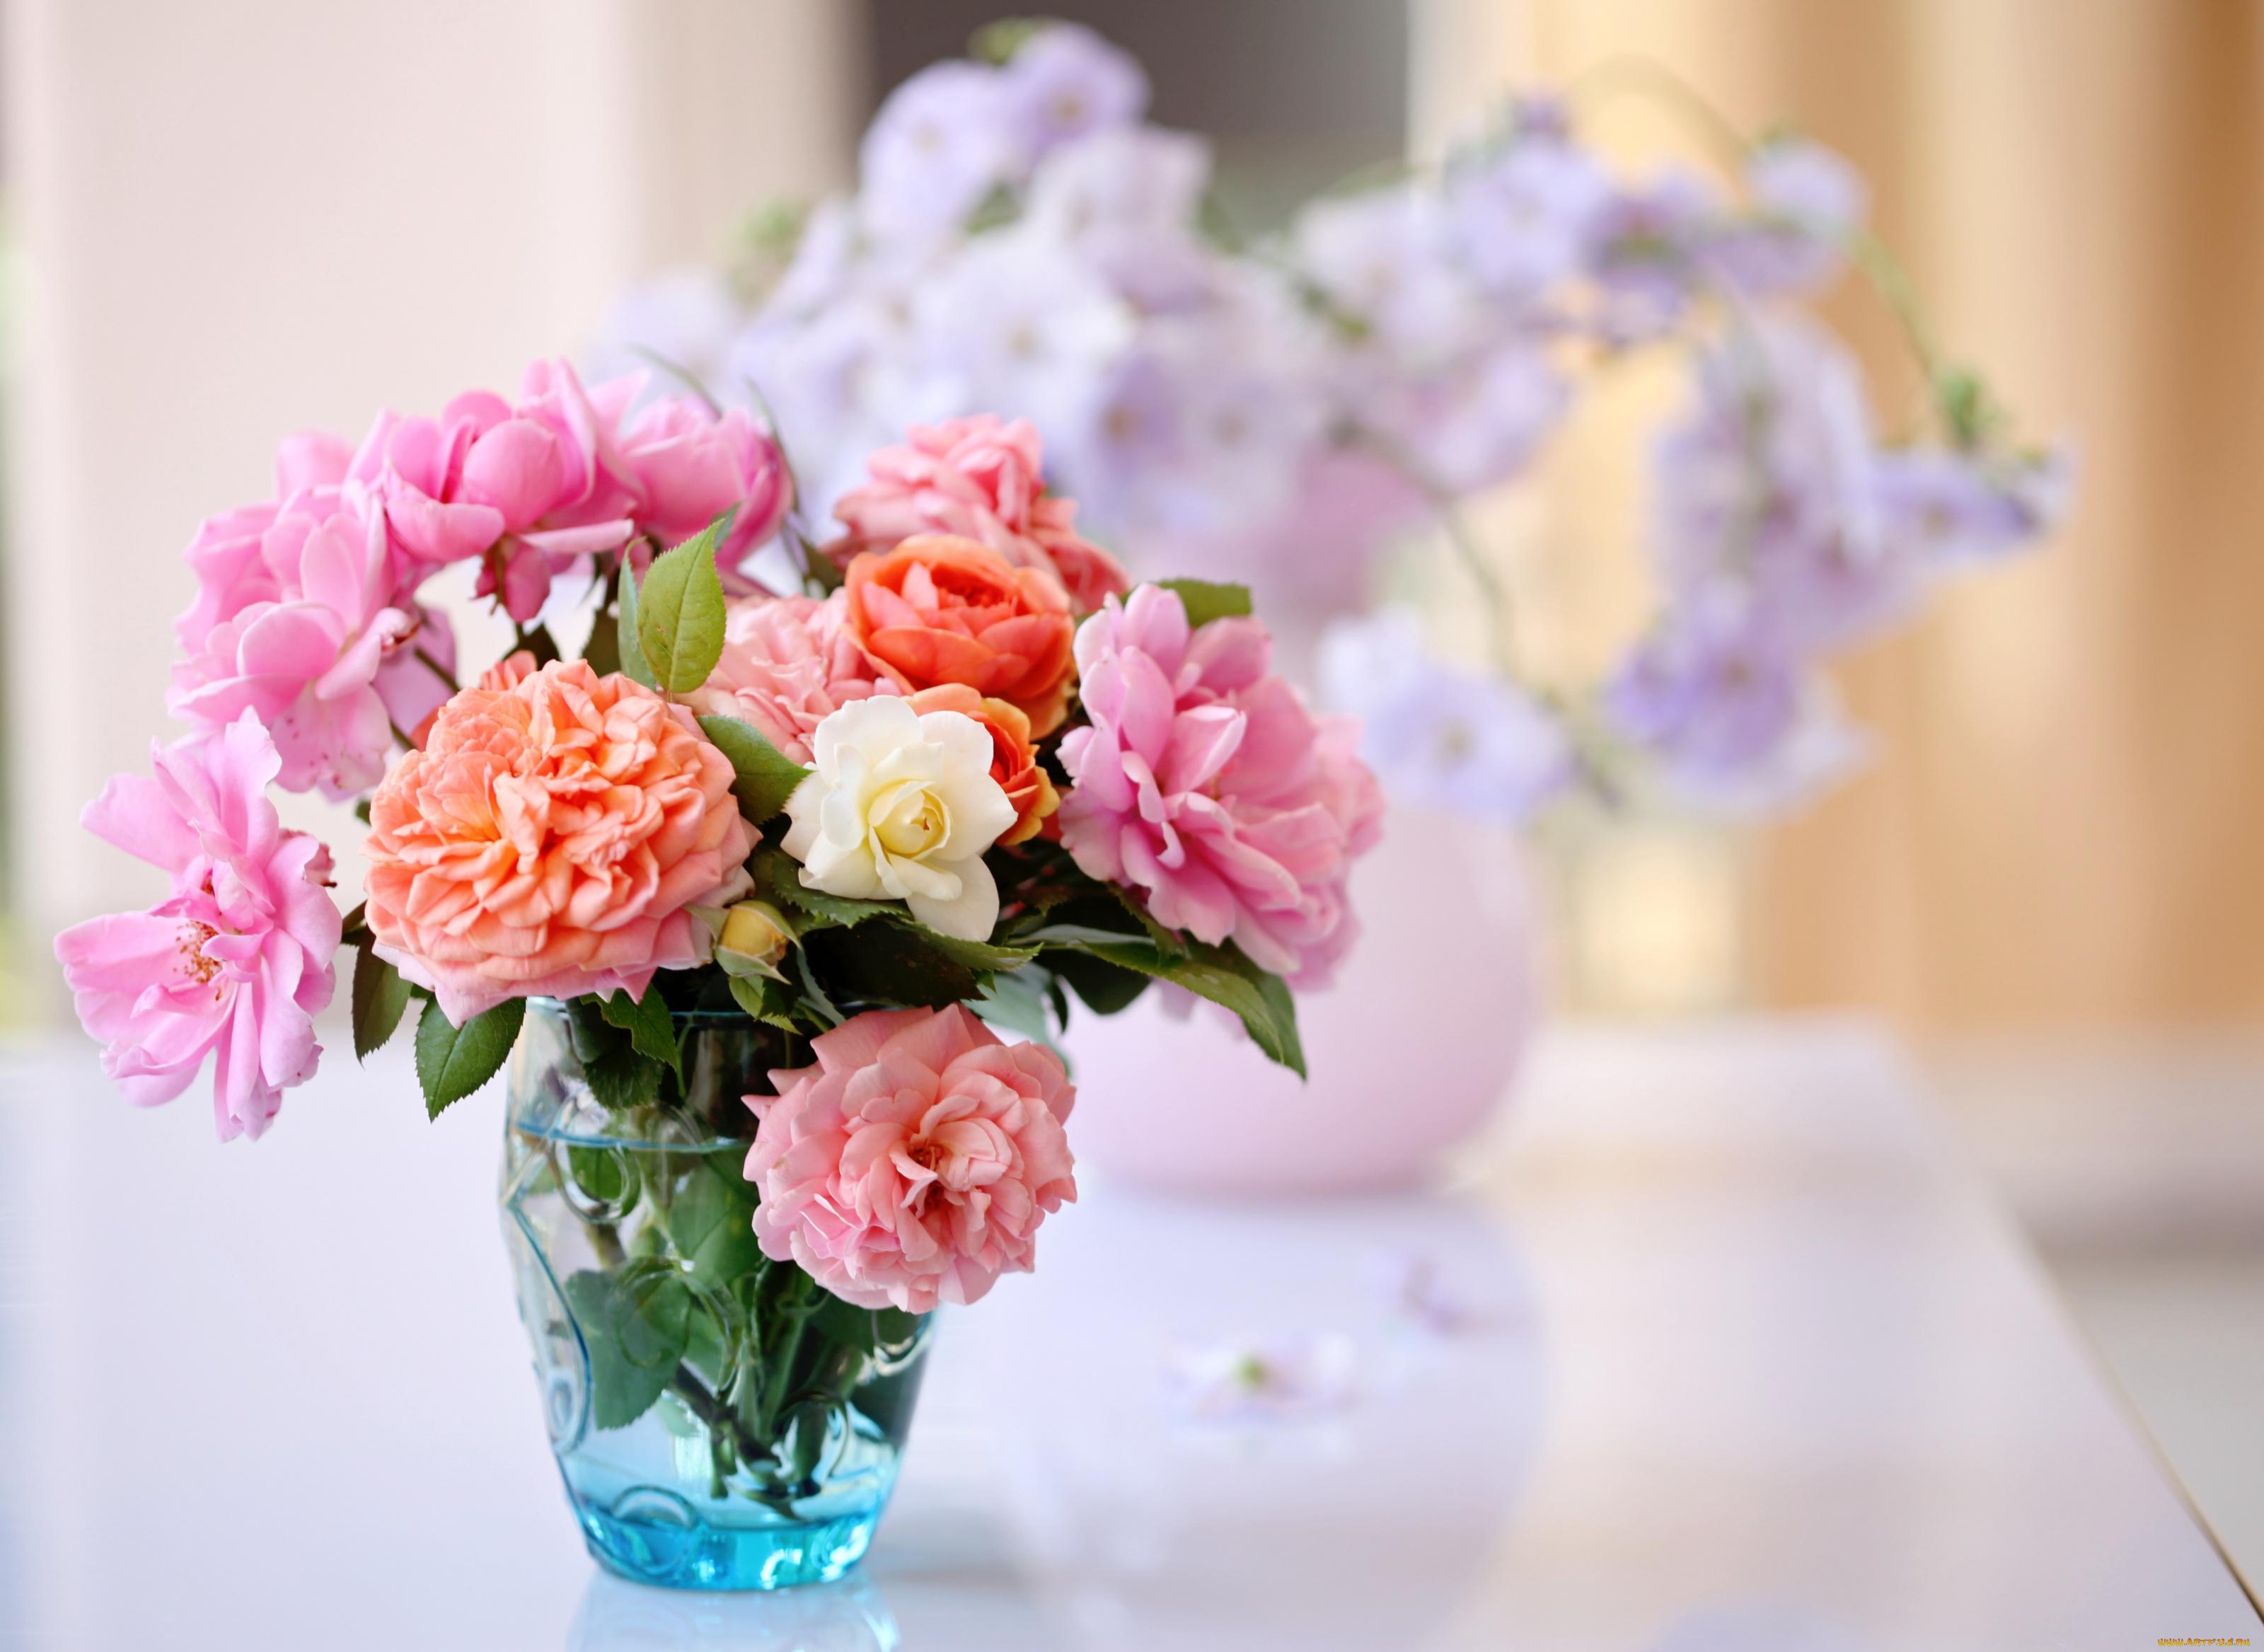 Красивые картинки цветов в вазе, приколами штанги